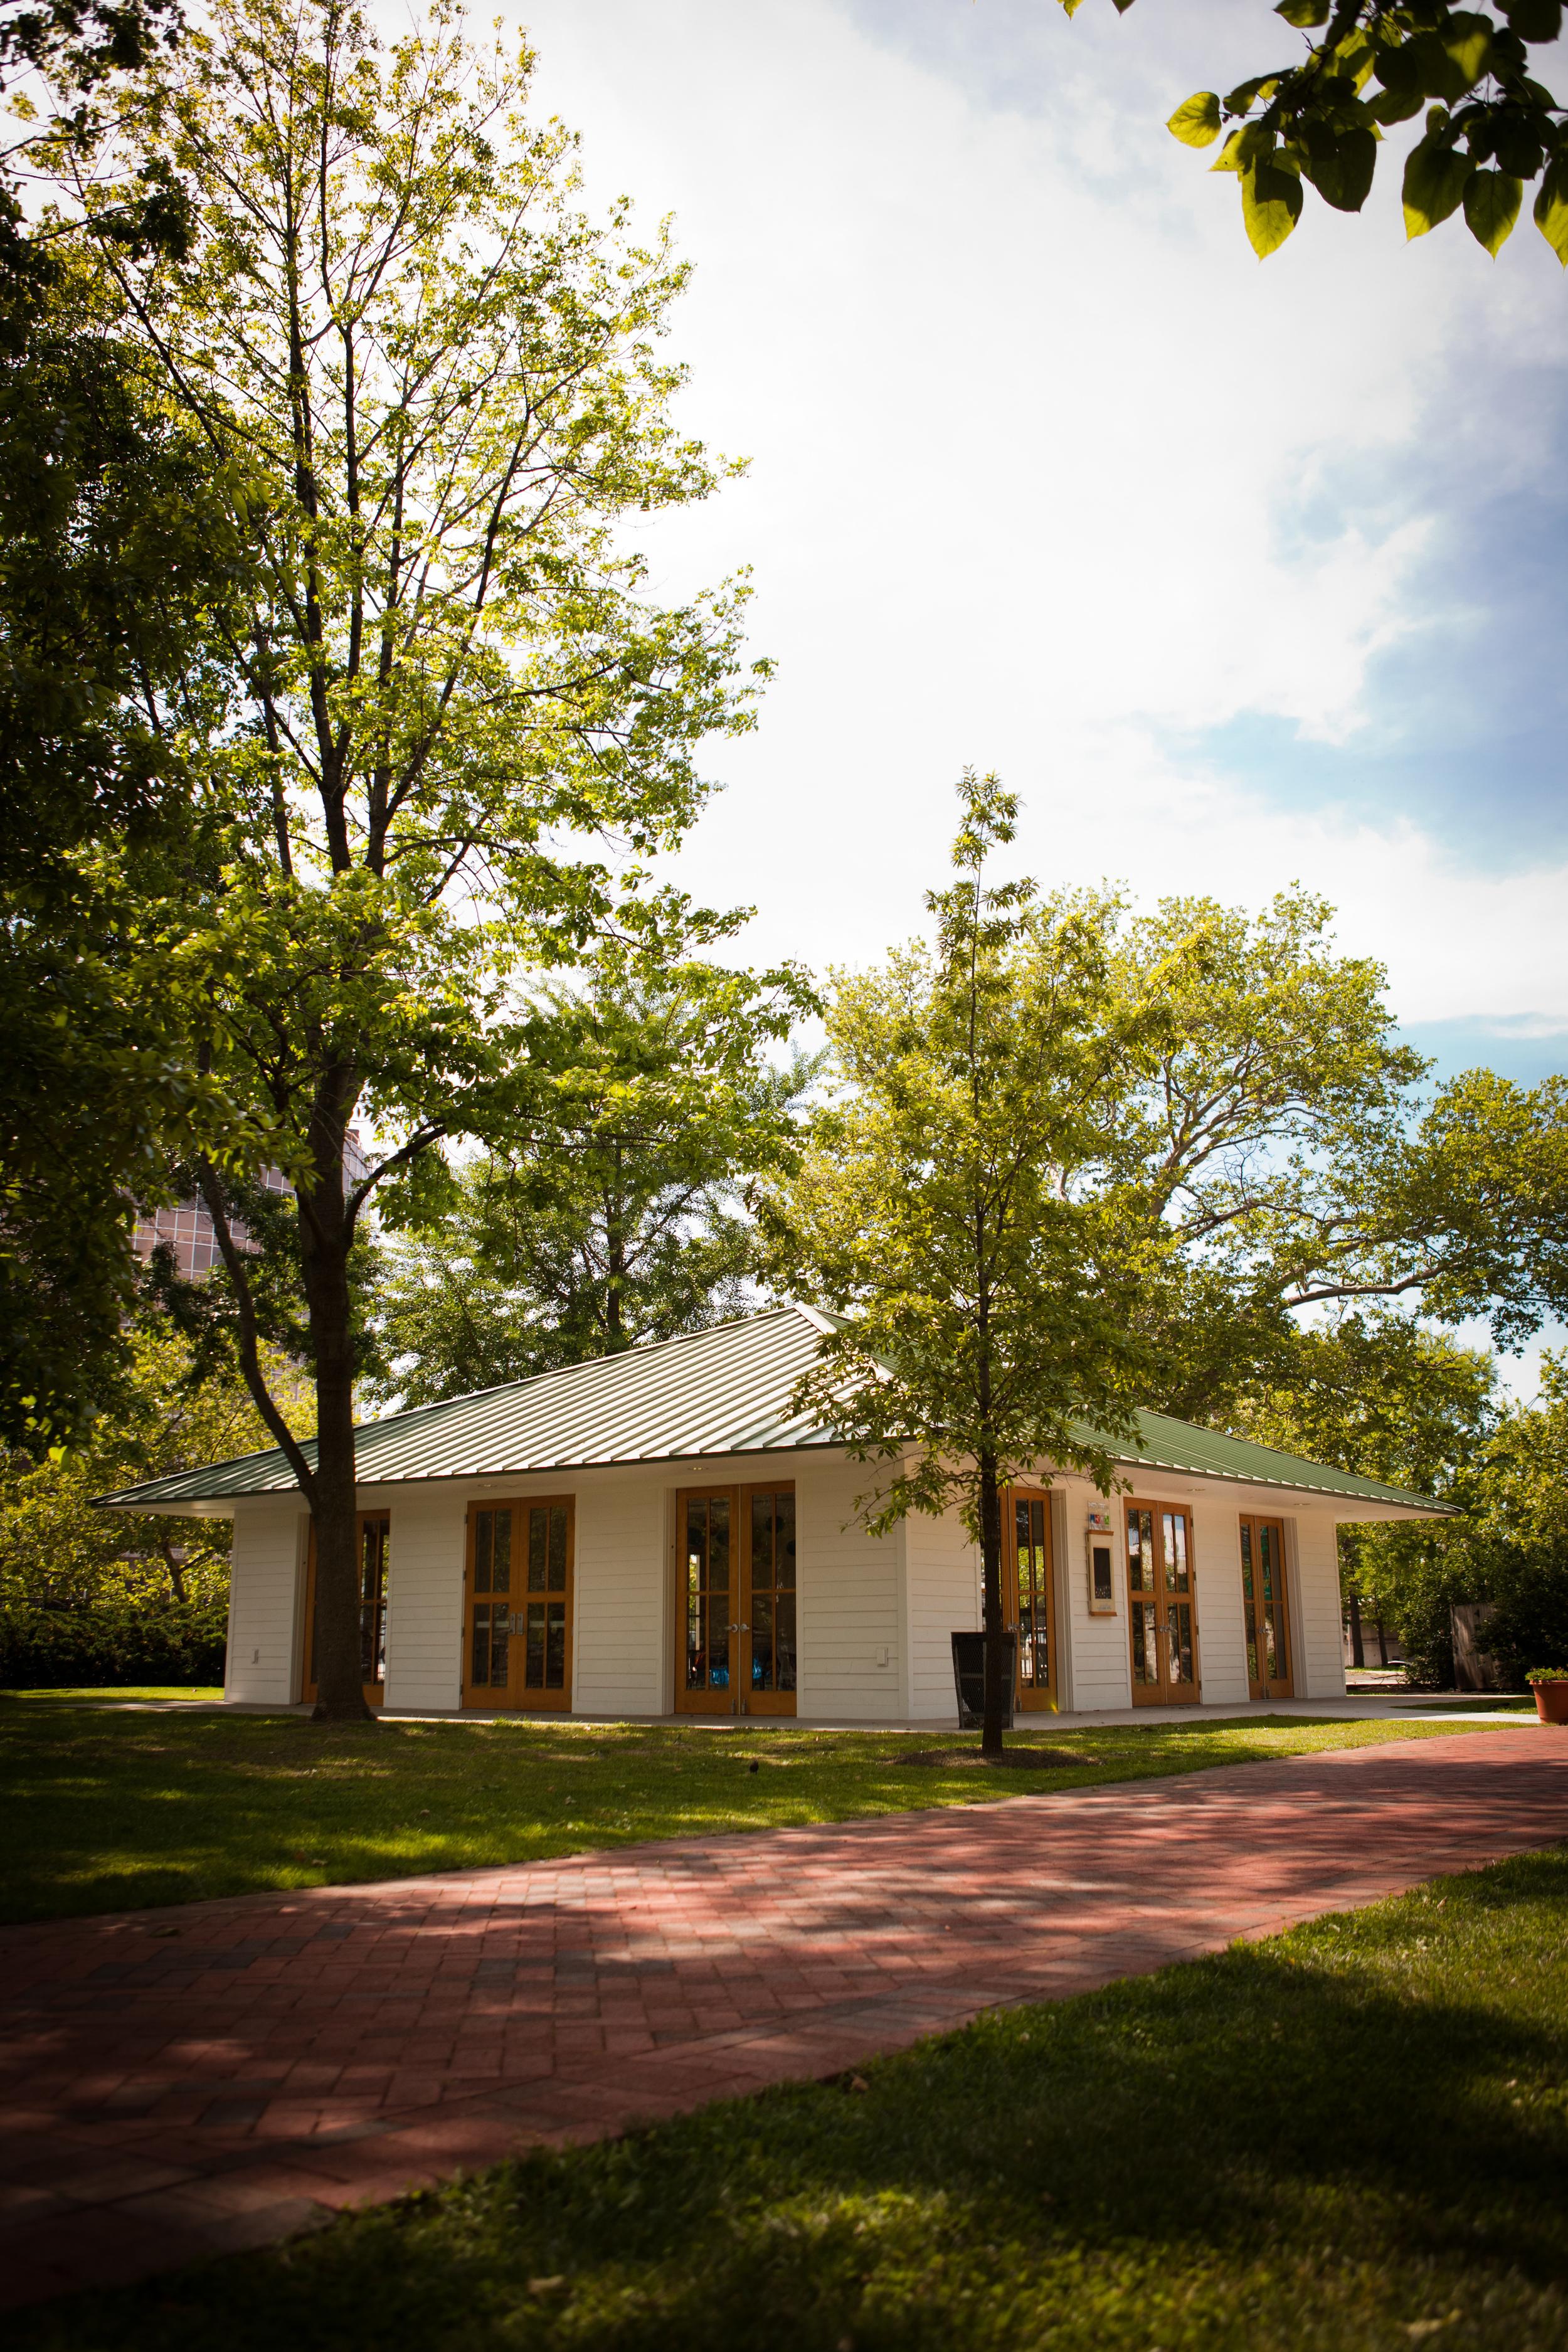 Franklin_Square_Pavilion_5.17.12_0002.jpg